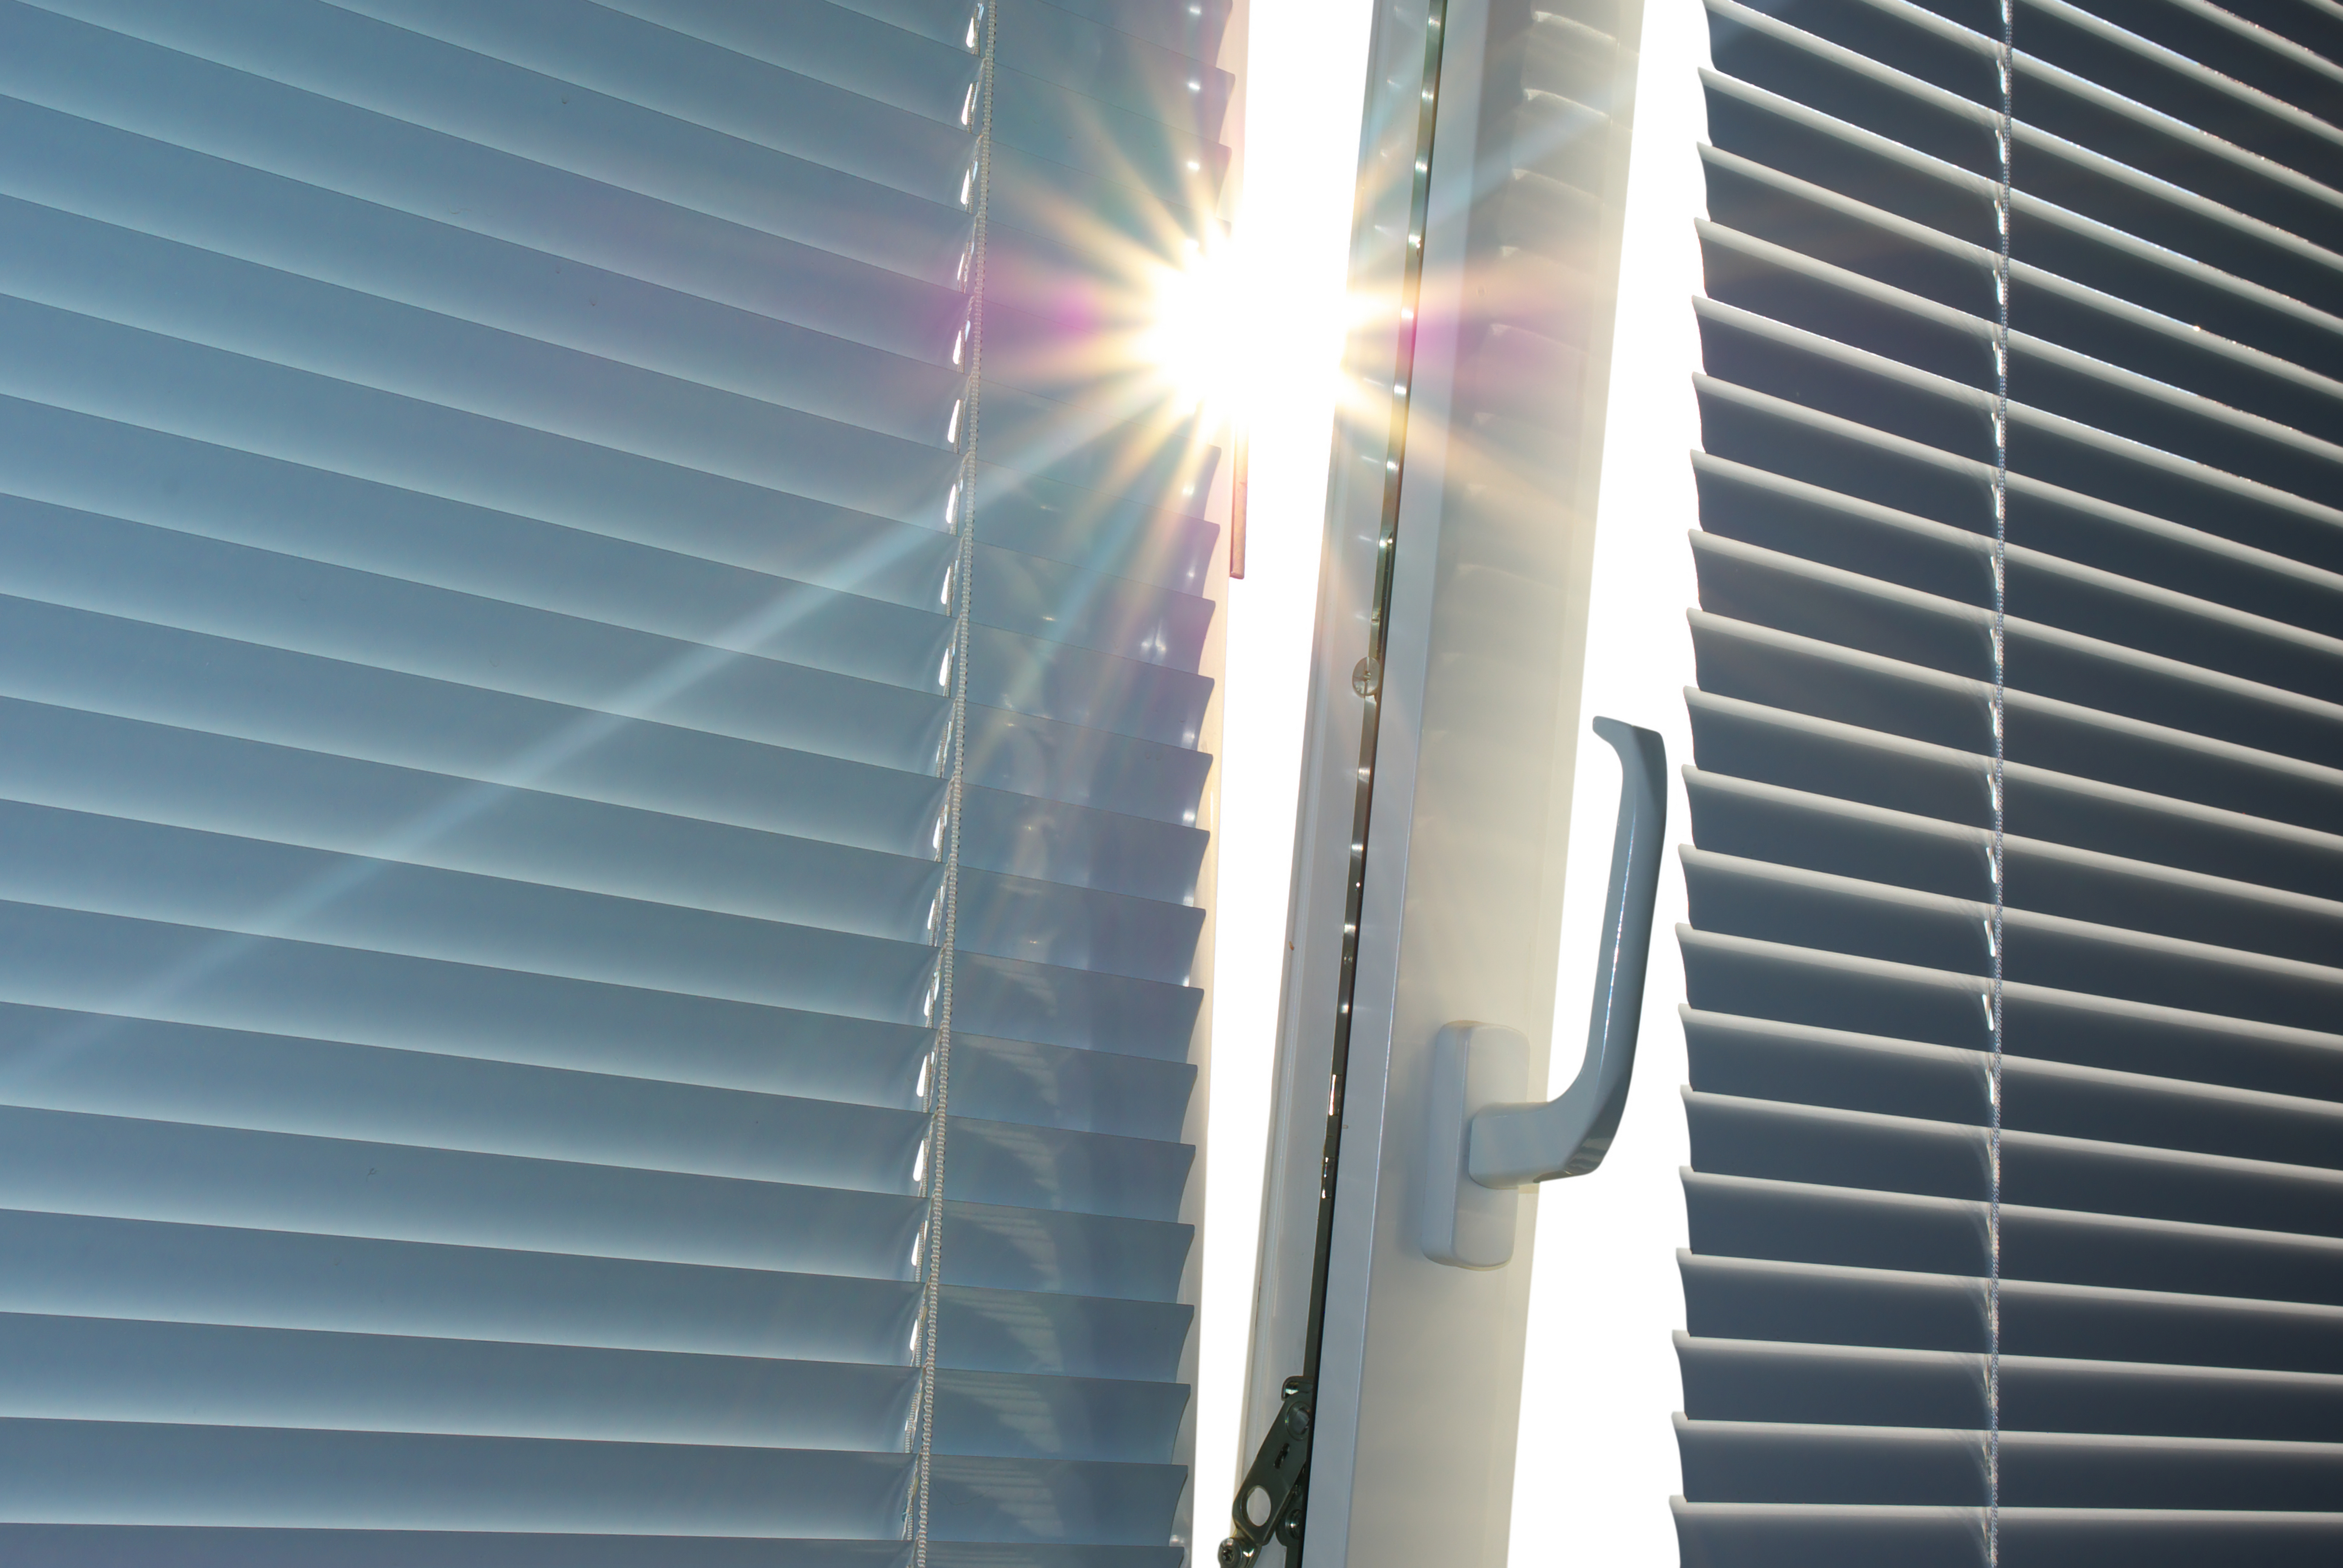 Zunanja senčila nudijo več zaščite, kakor notranja senčila.